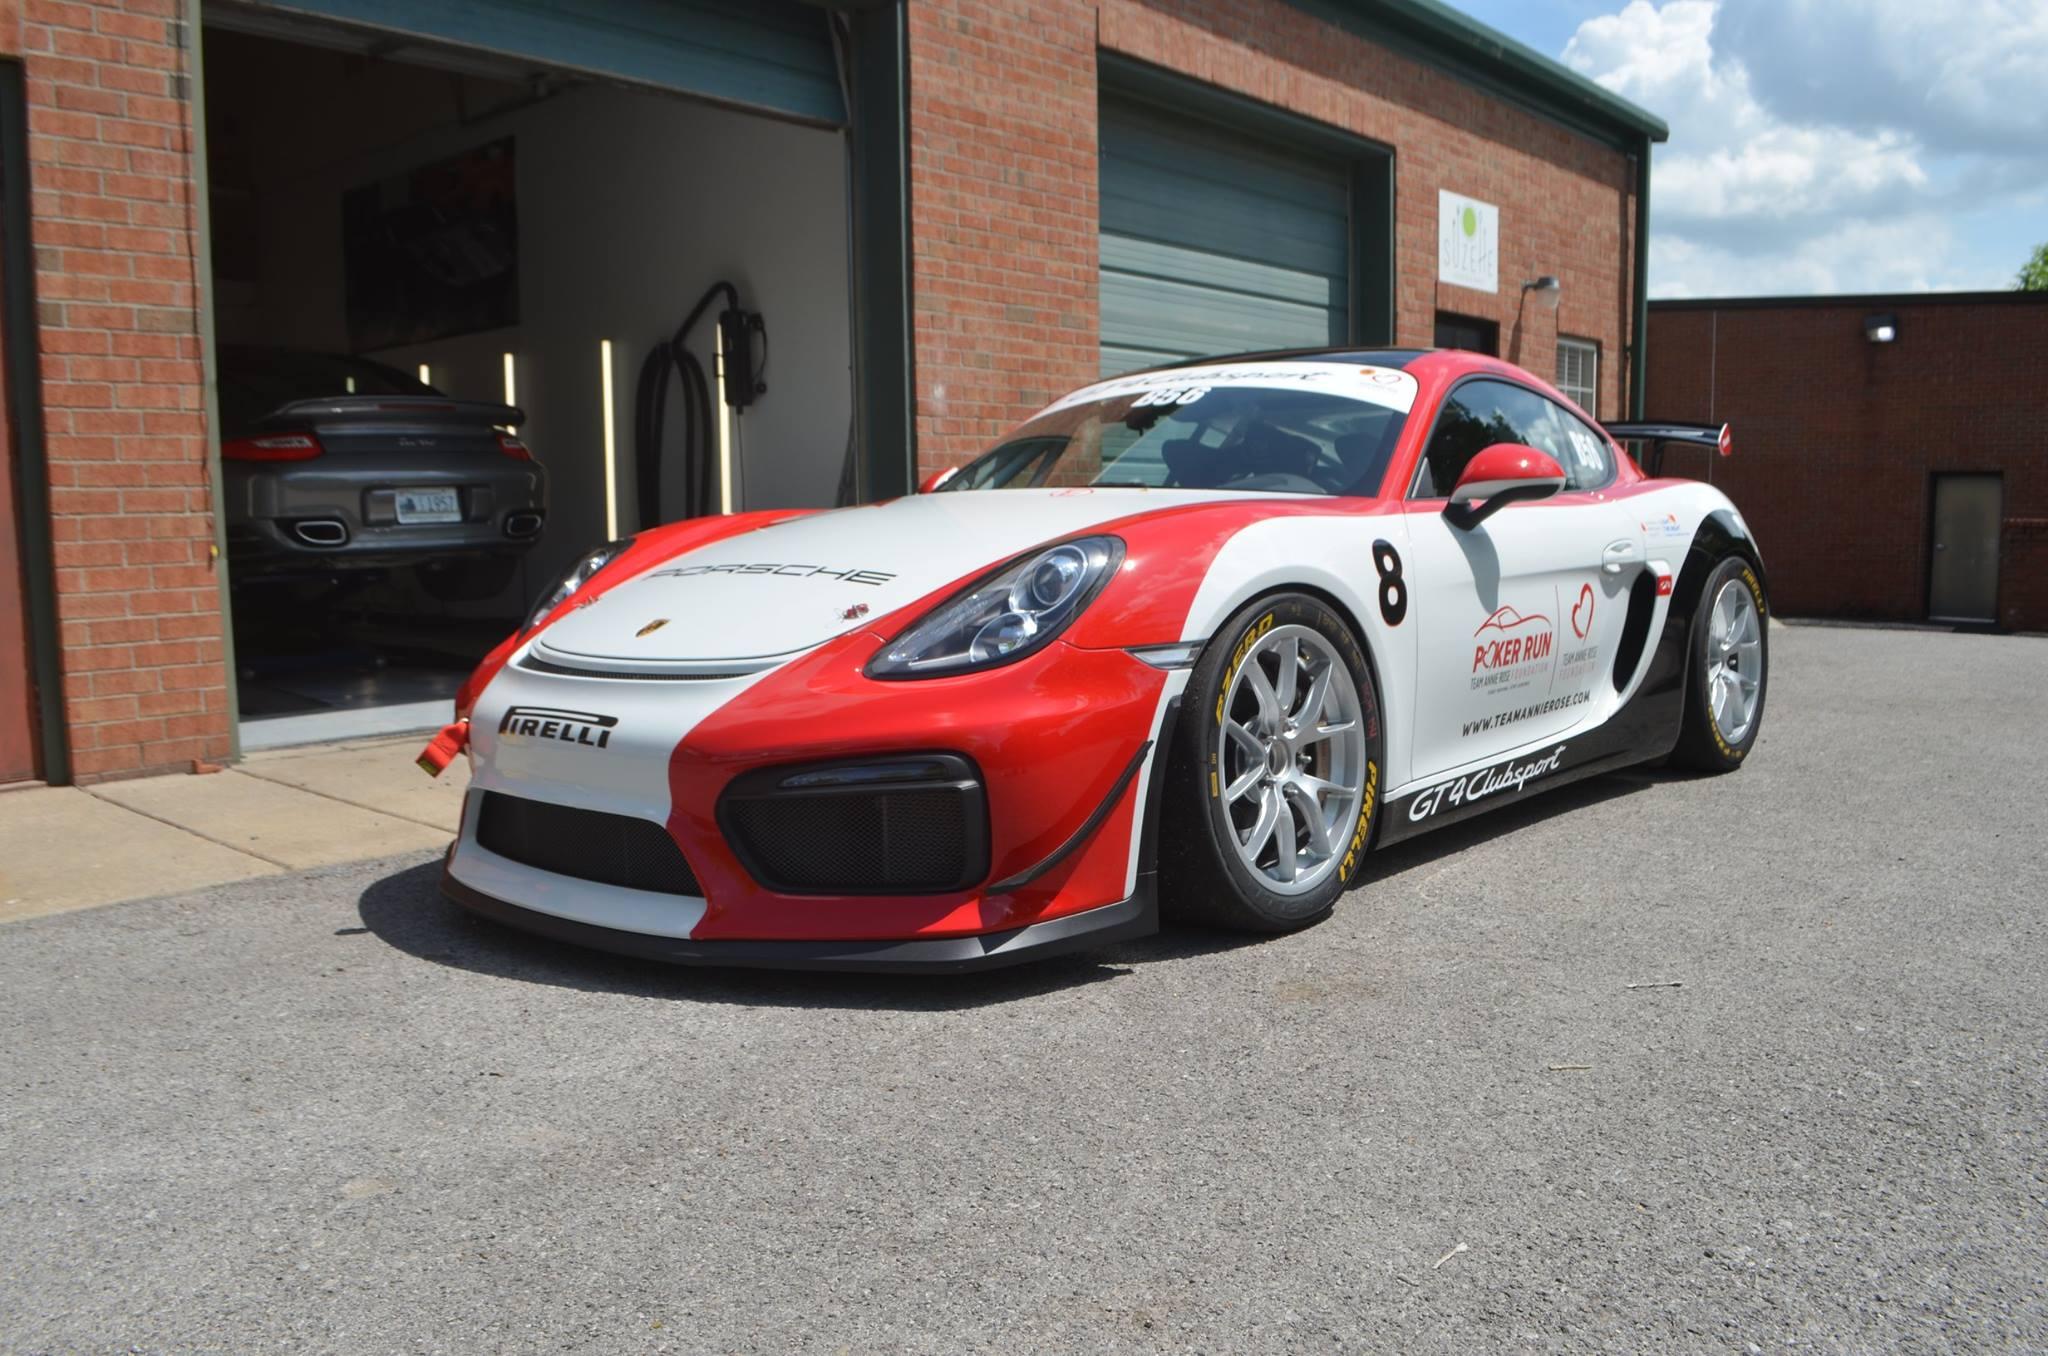 Porsche Cayman Clubsport: Full Body PPF